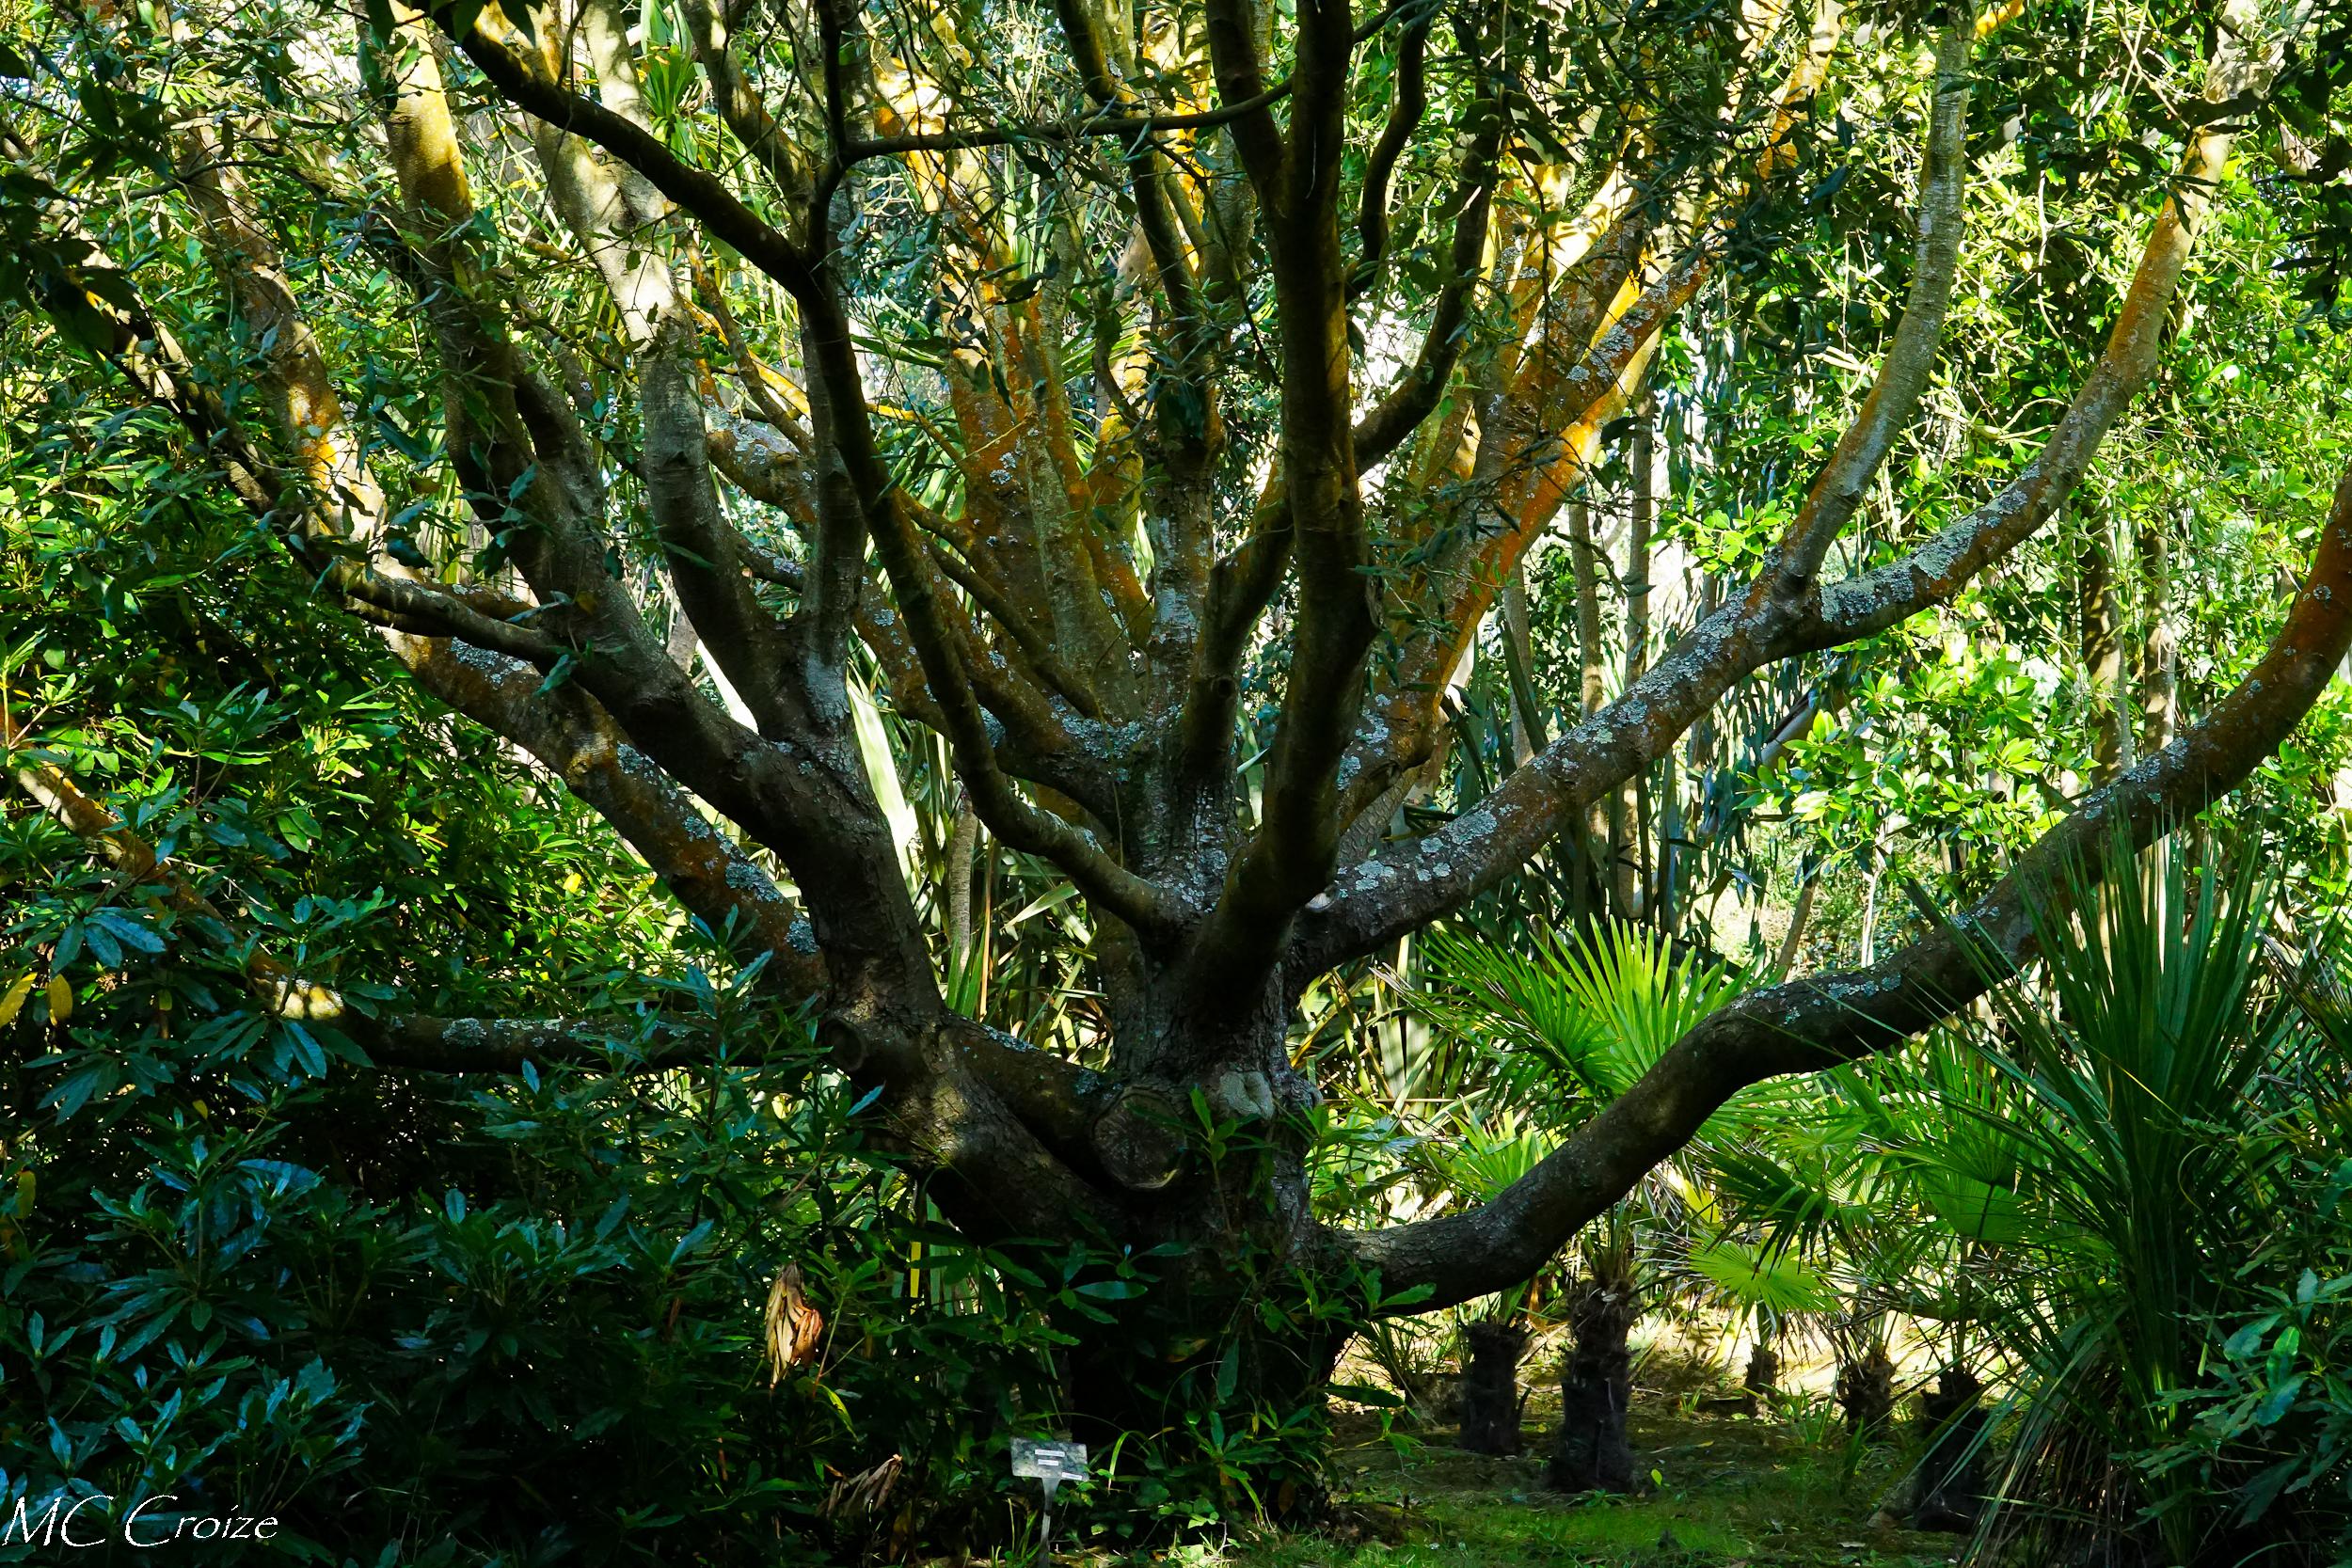 Eucalyptus 43202809150_6f16afa0b3_o